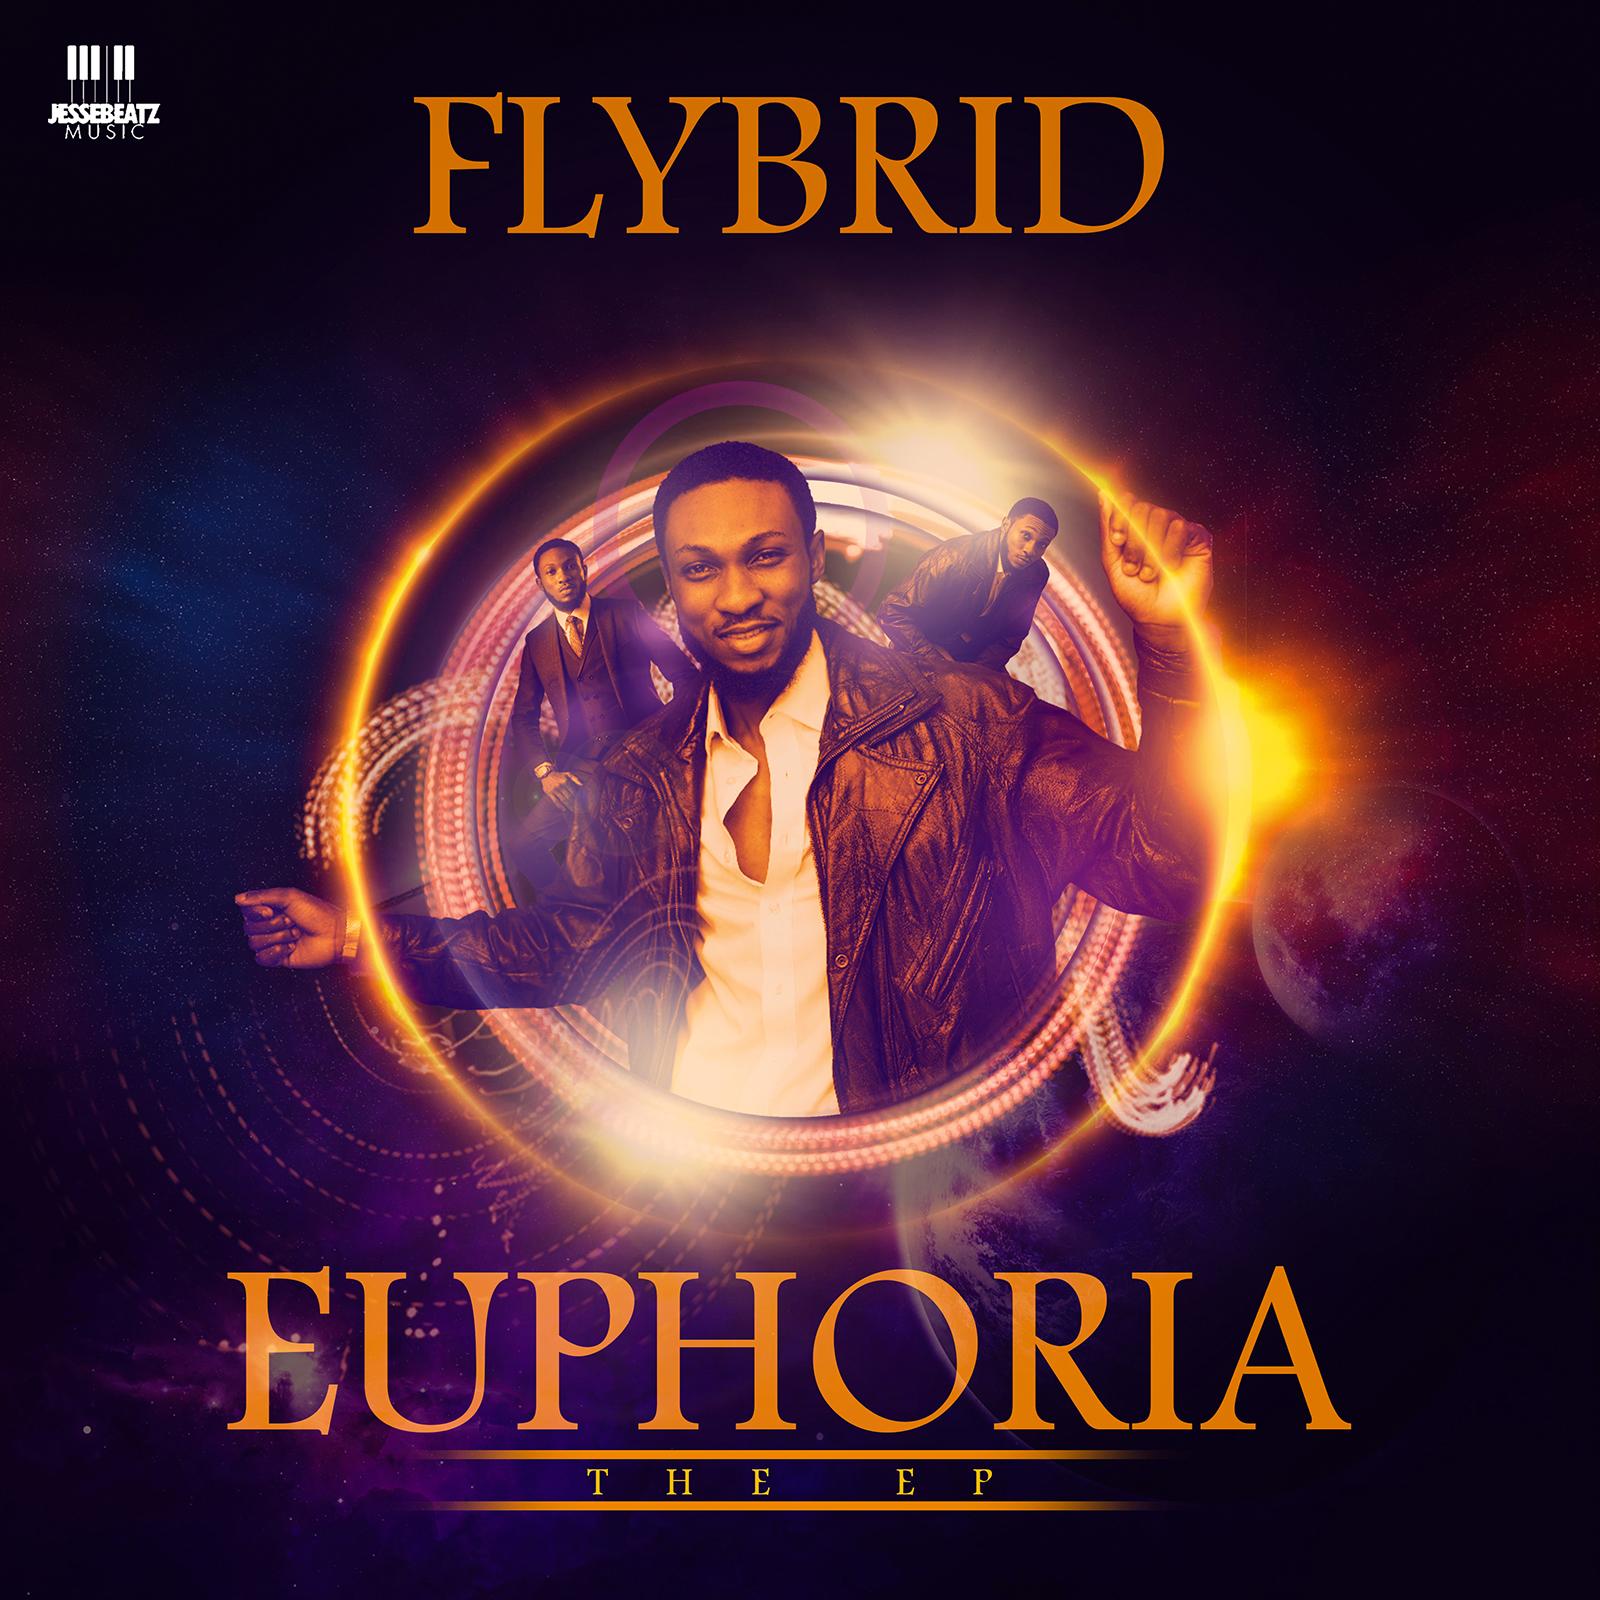 [EP] Flybrid - Euphoria